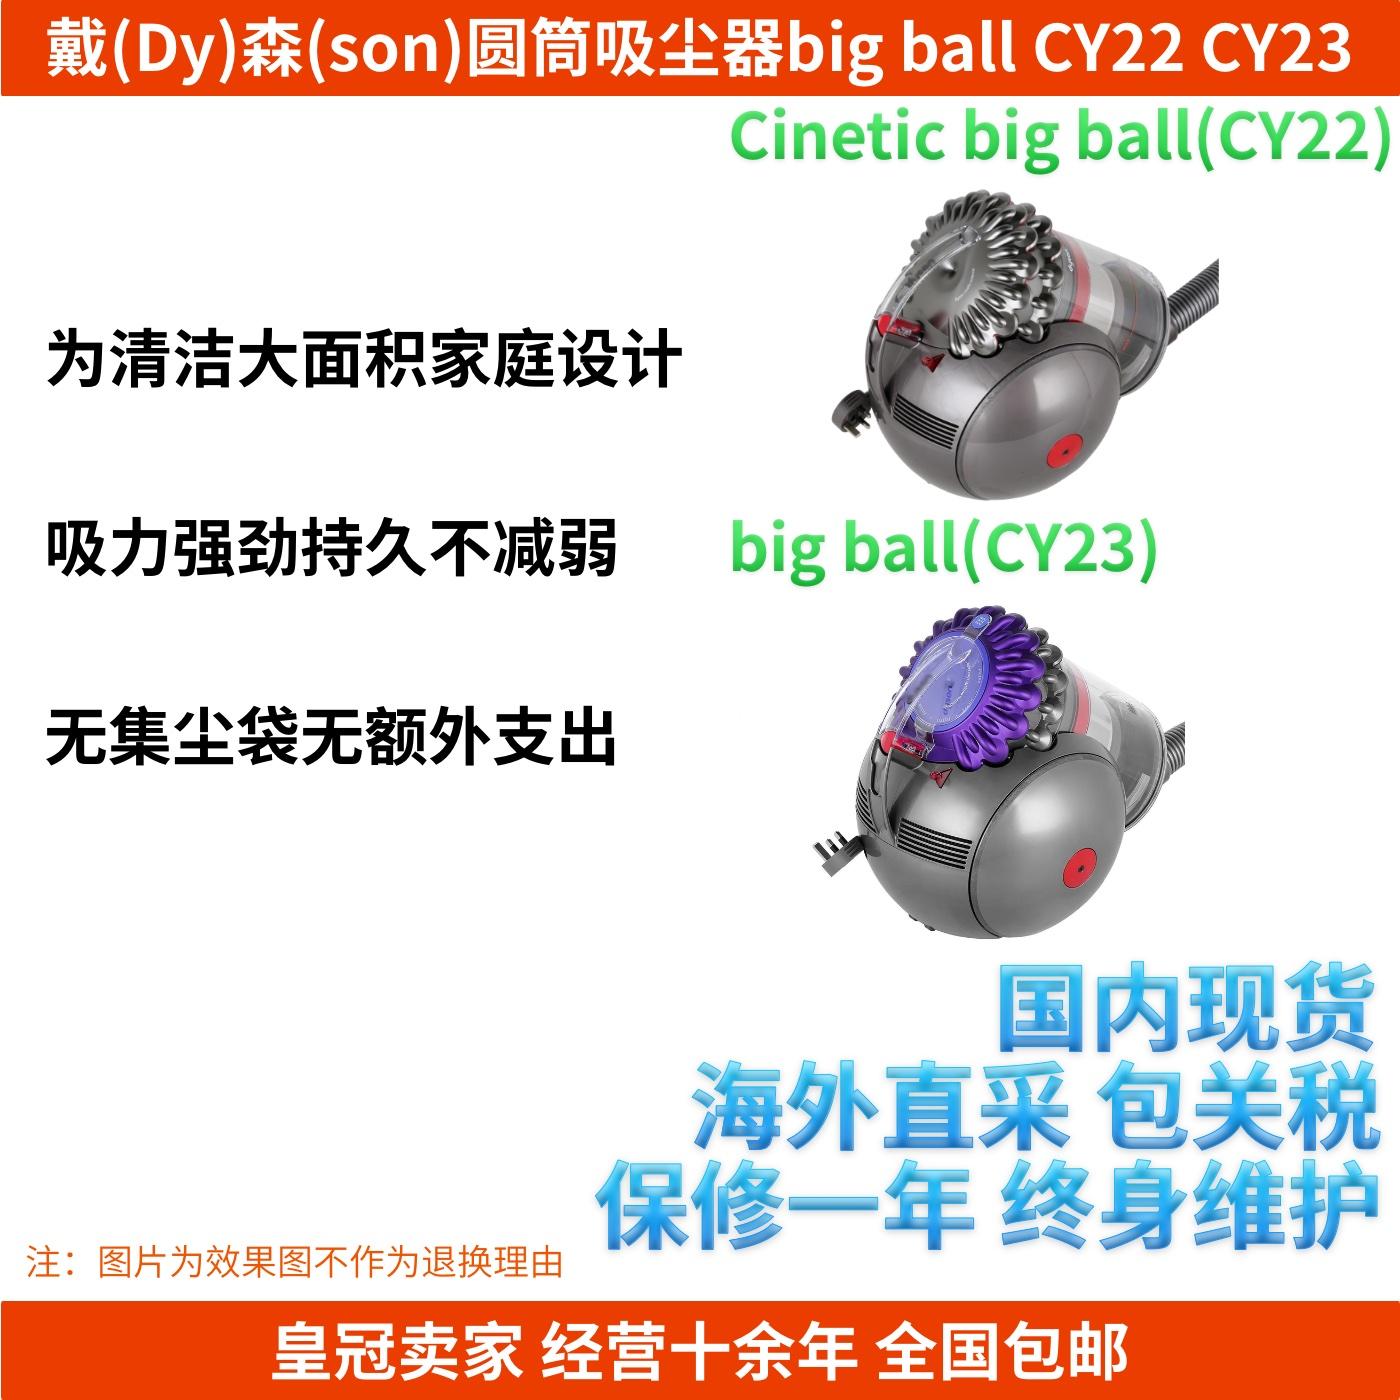 戴森DYSON圓筒big ball有線臥式吸塵器DC37DC52升級CY22CY23